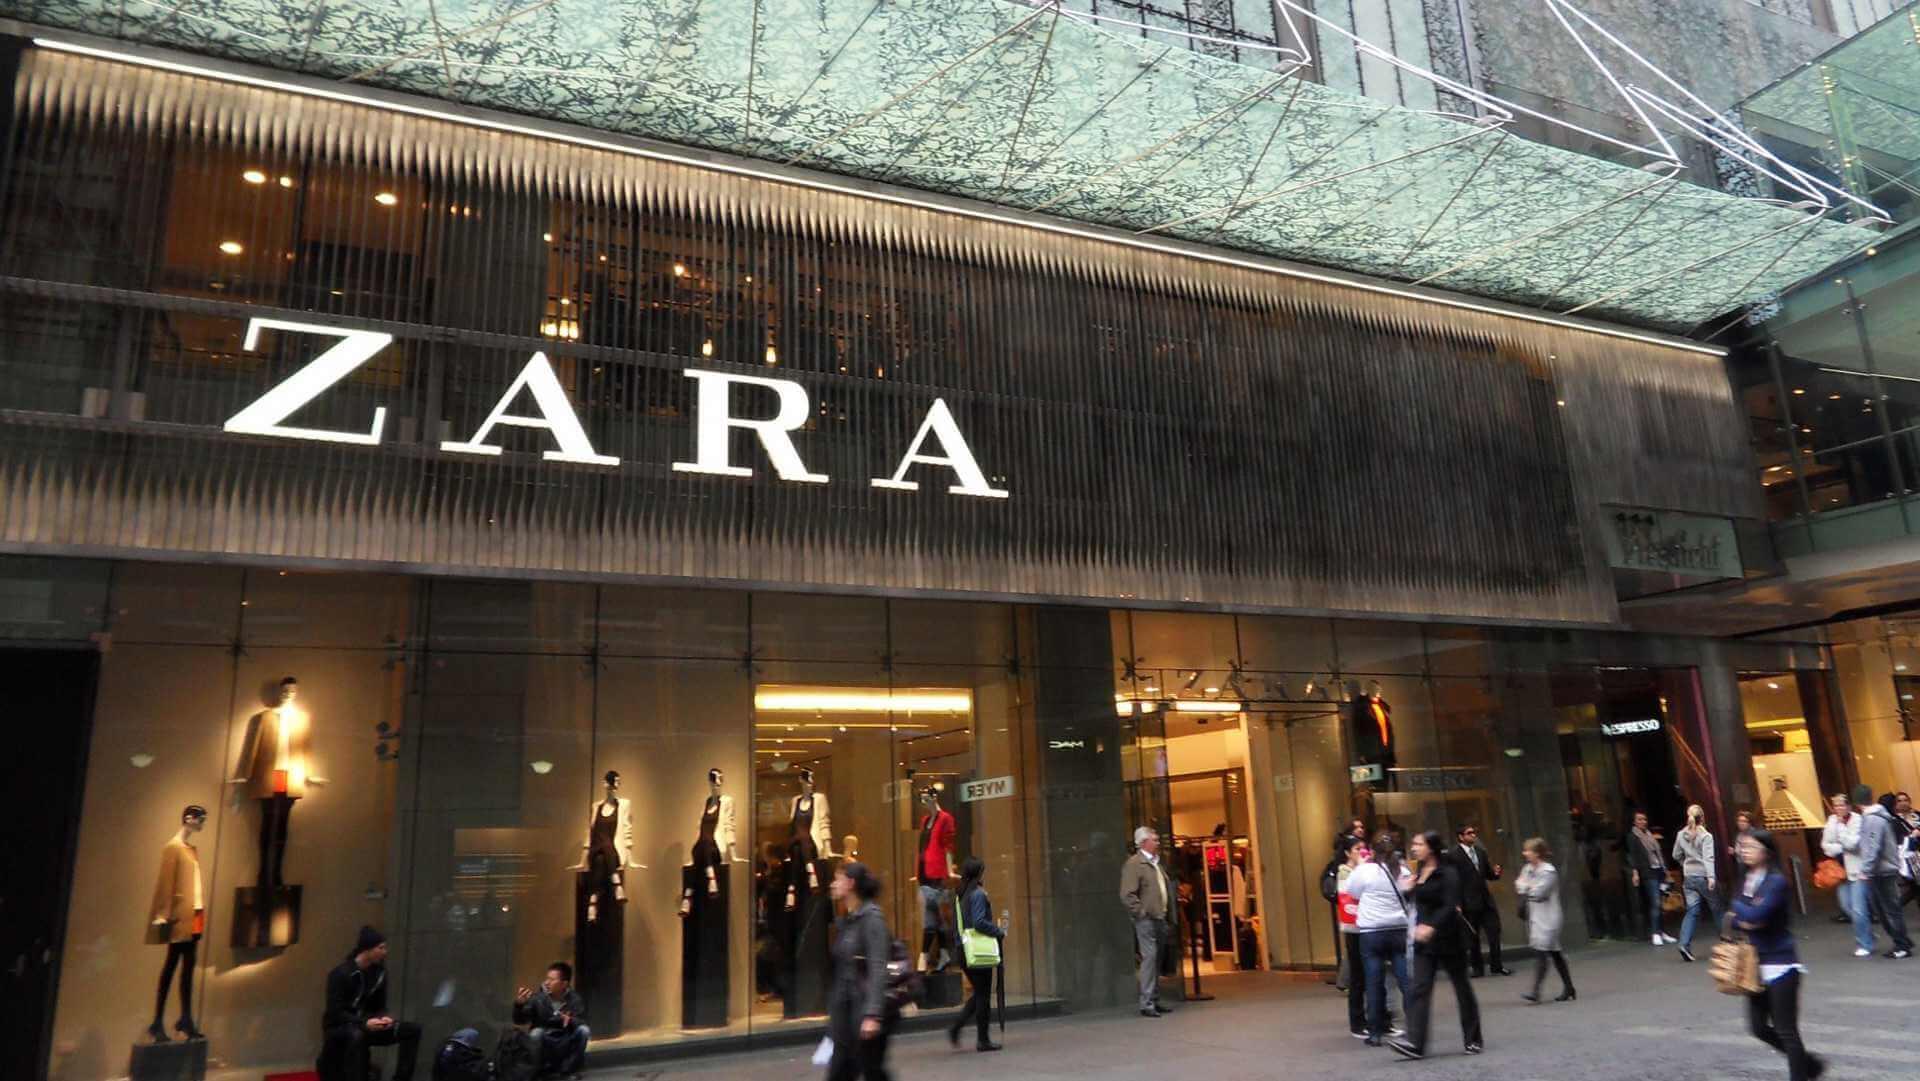 Đây chính xác là lý do tại sao mua hàng online ở Zara là điều bất khả thi - Ảnh 2.